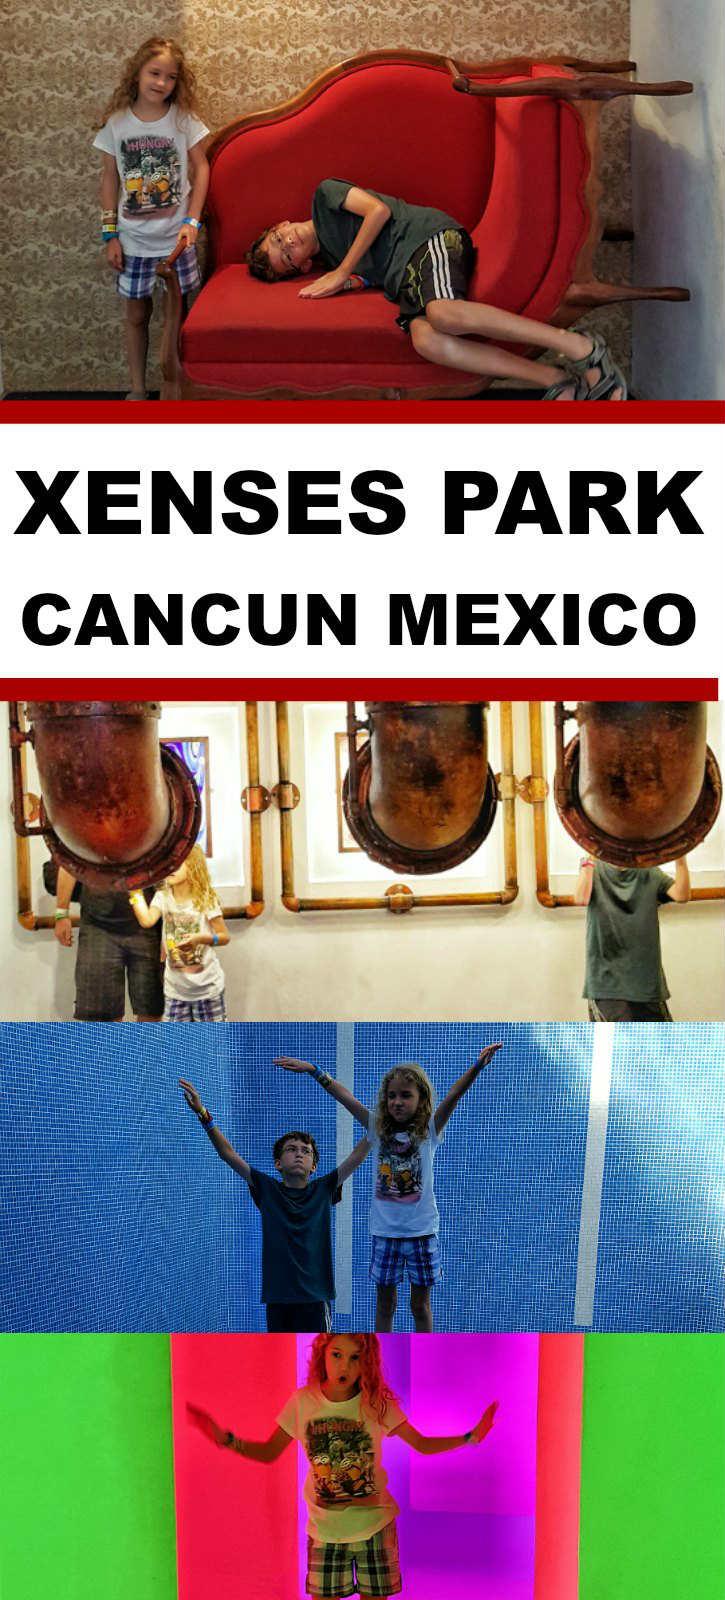 Xenses Park Cancun Mexico